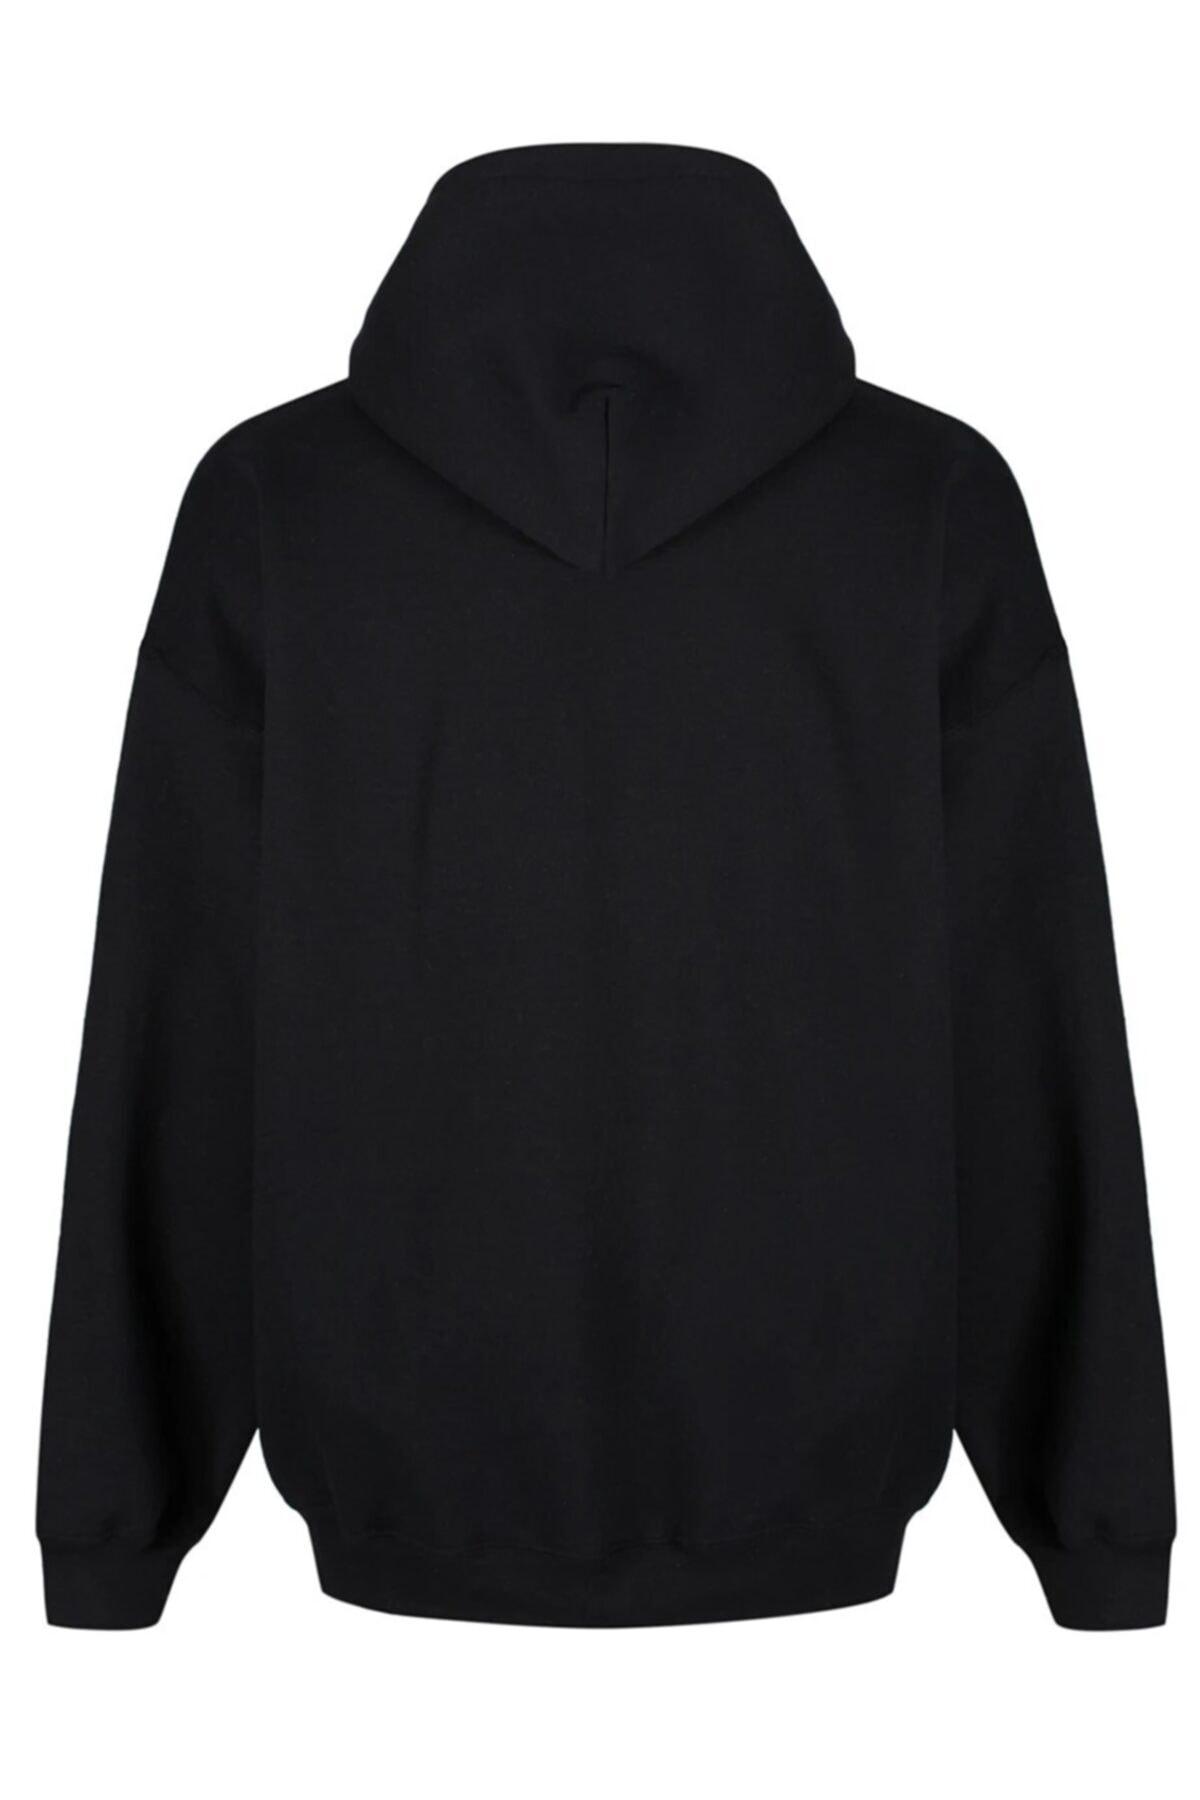 FAVORİZADE Unisex Siyah Eagle Head Baskılı Kapüşonlu Sweatshirt 2